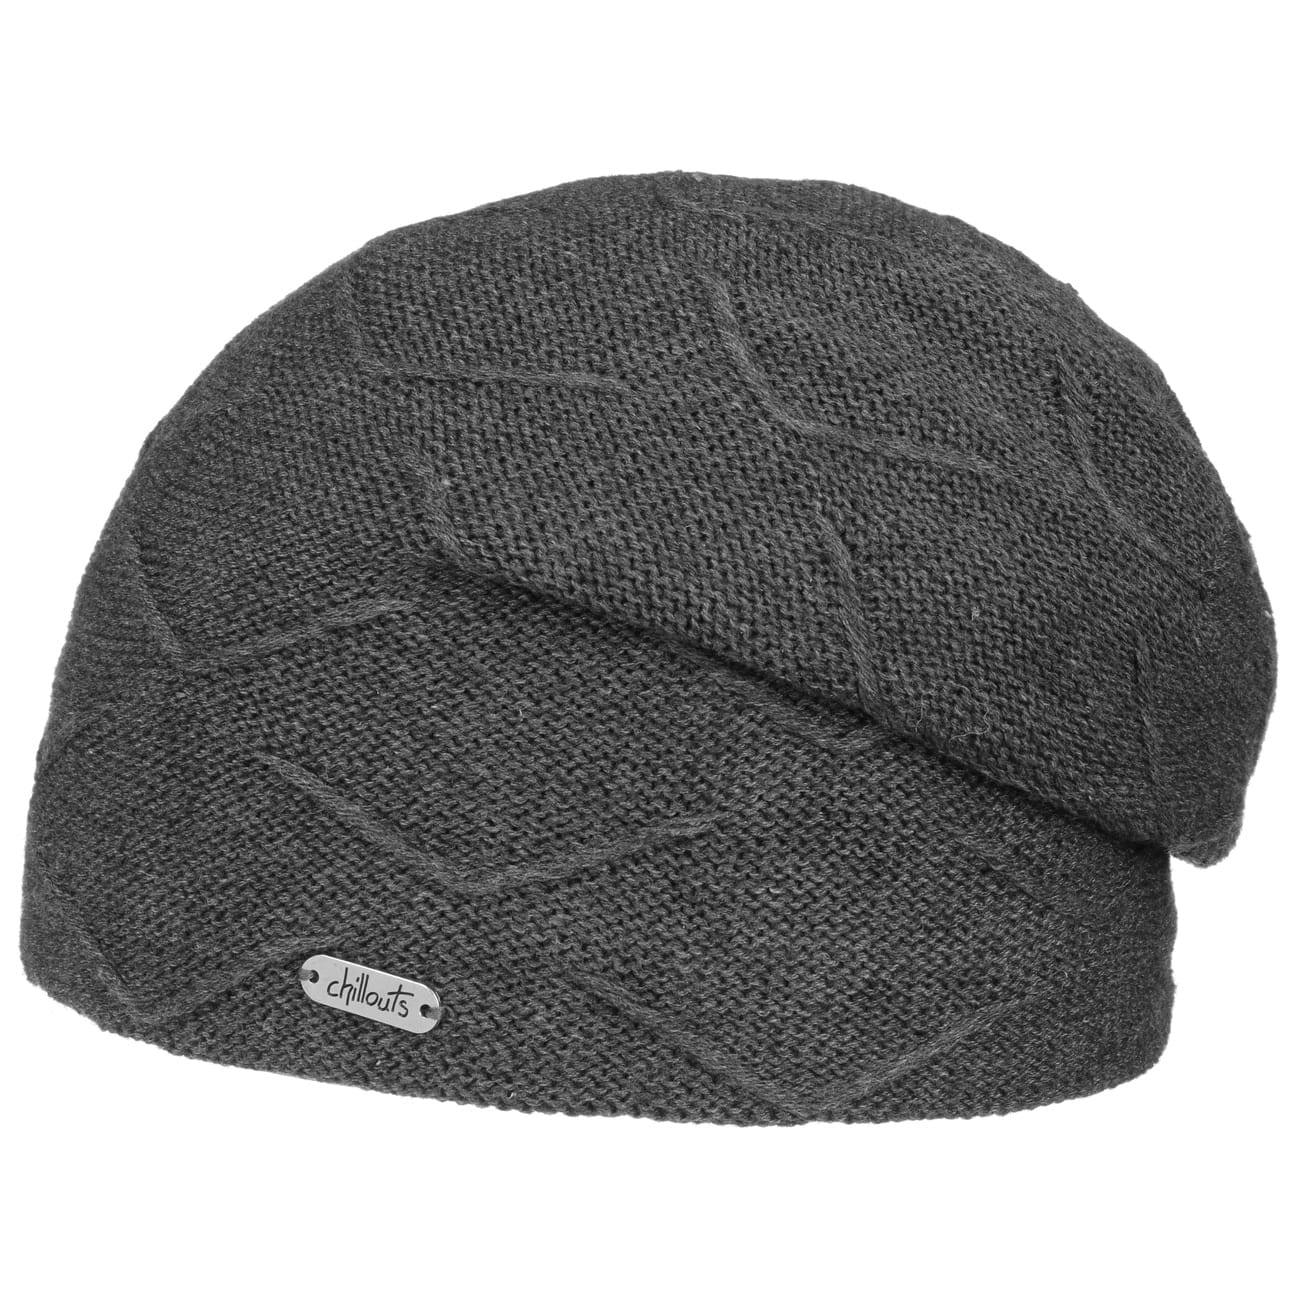 Beanie en Coton Curtis by Chillouts  bonnet